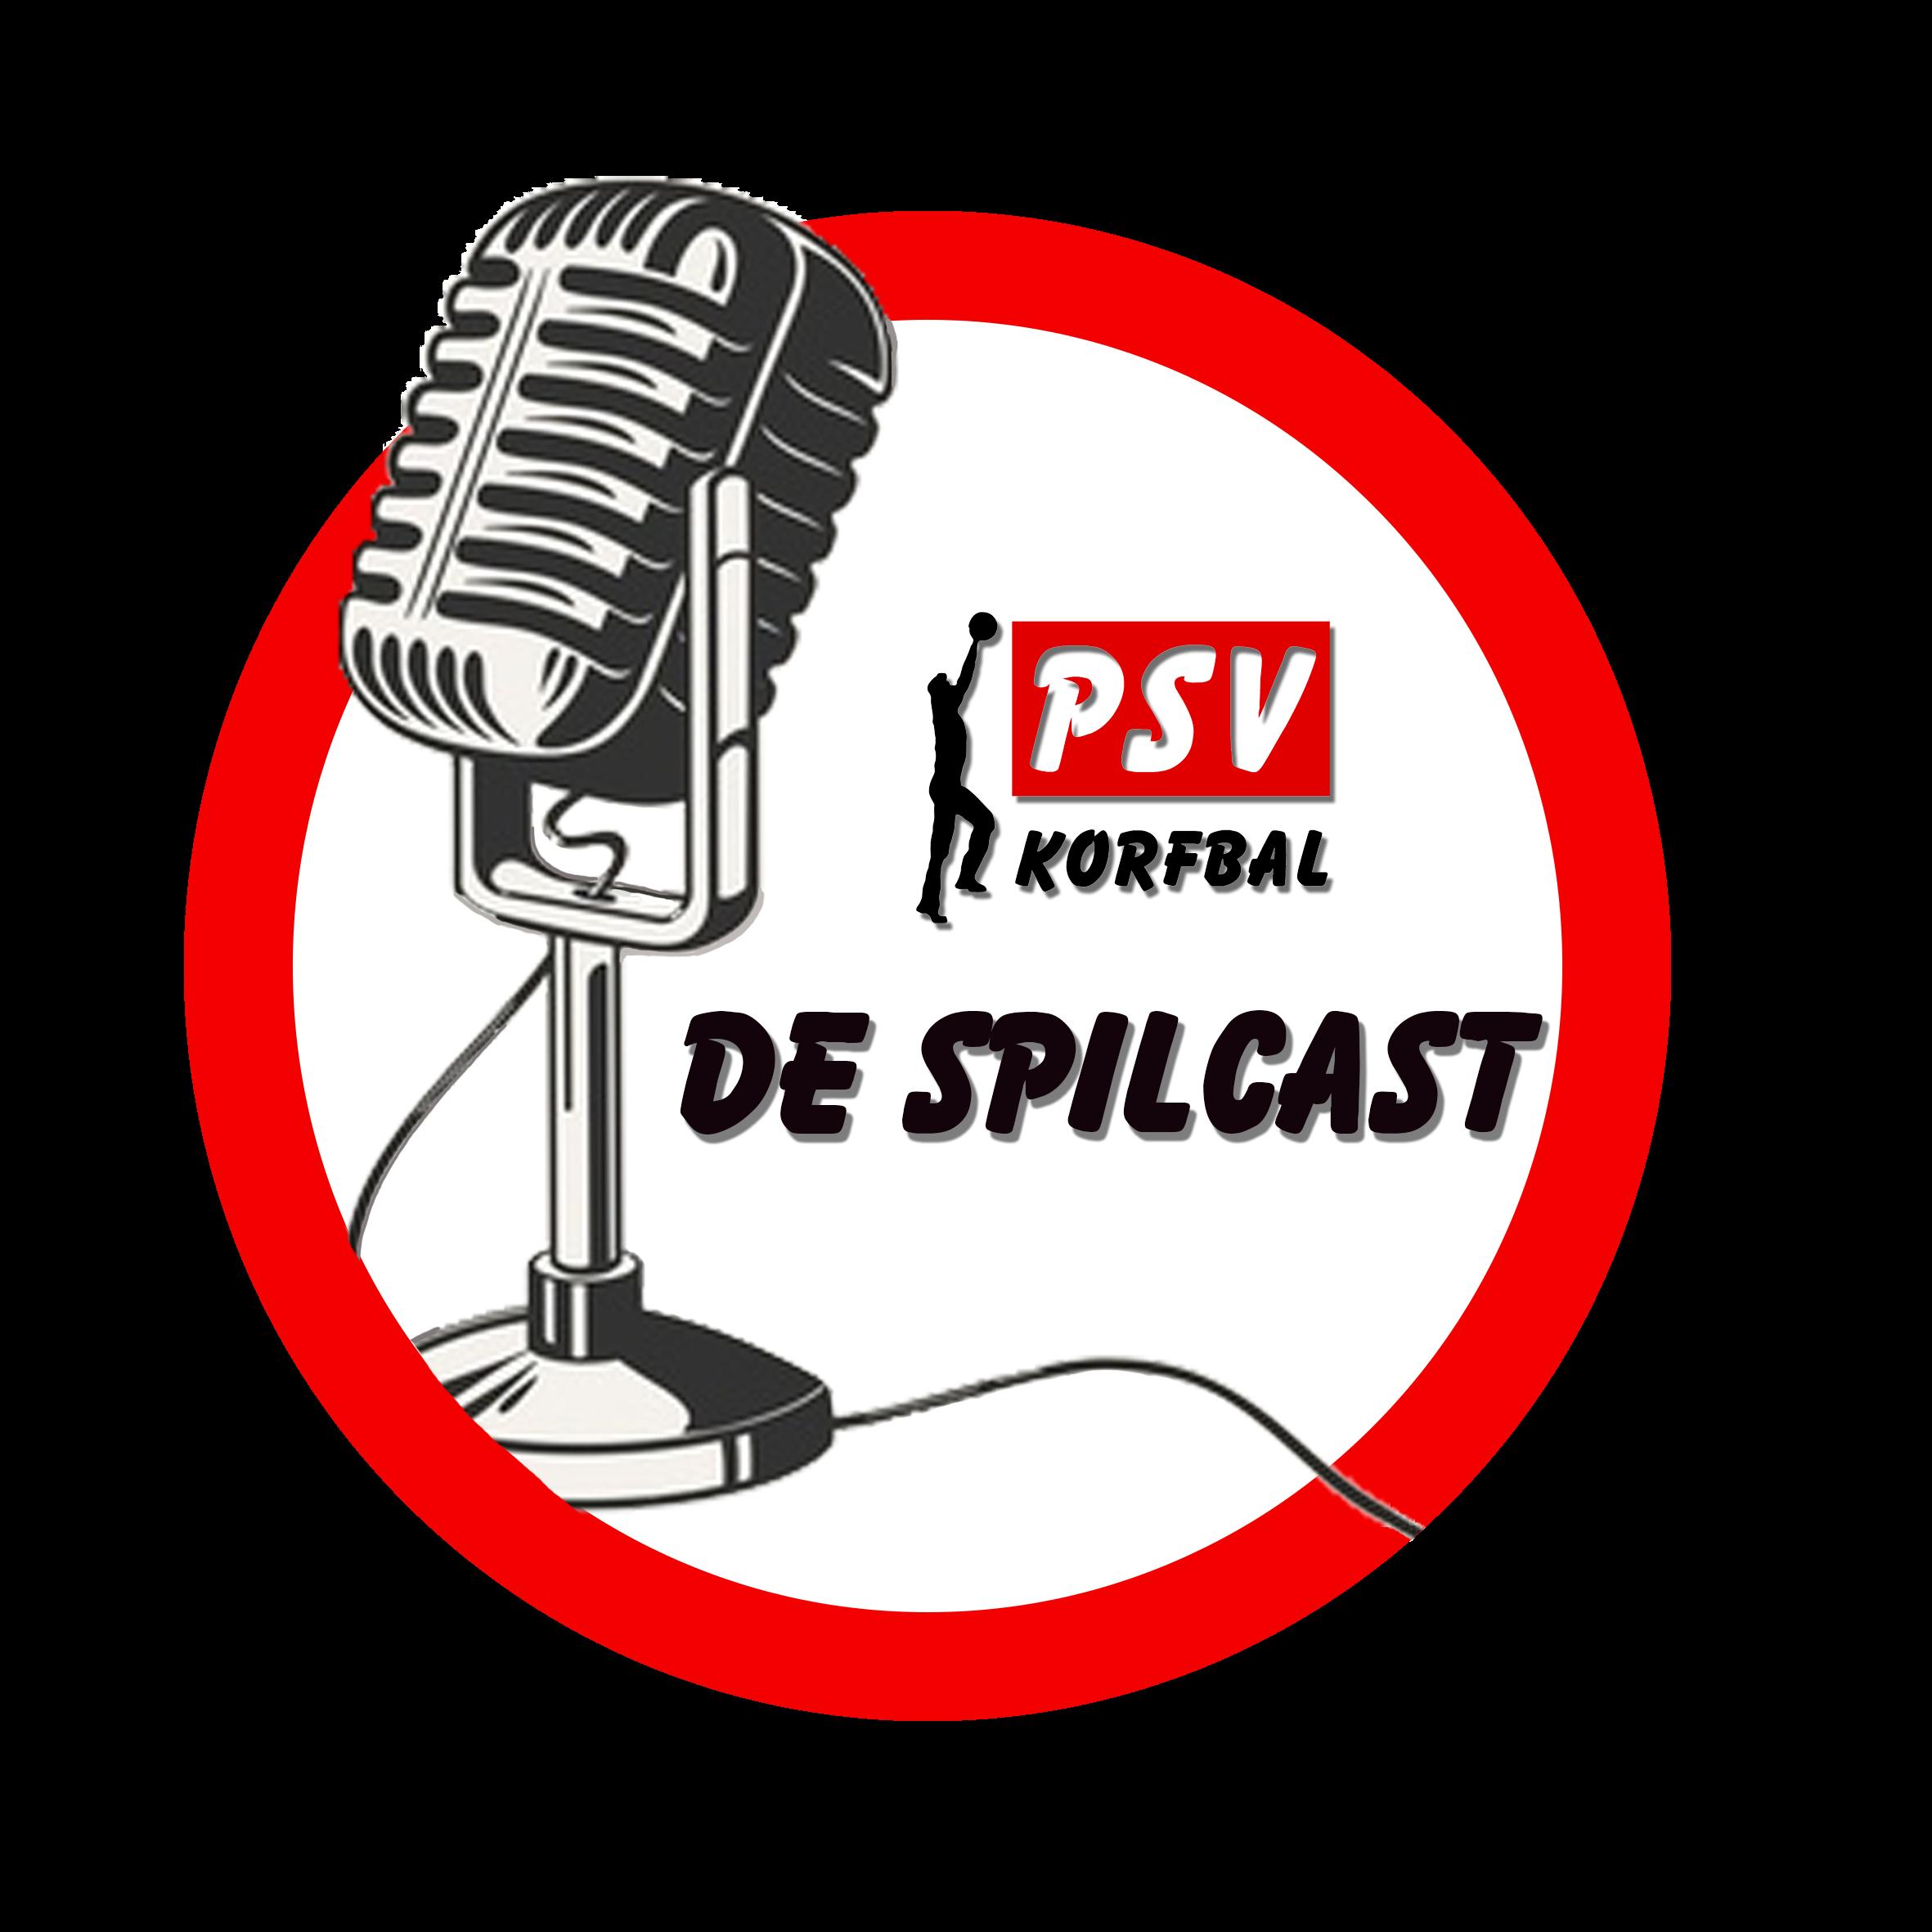 PSV podcast De Spilcast